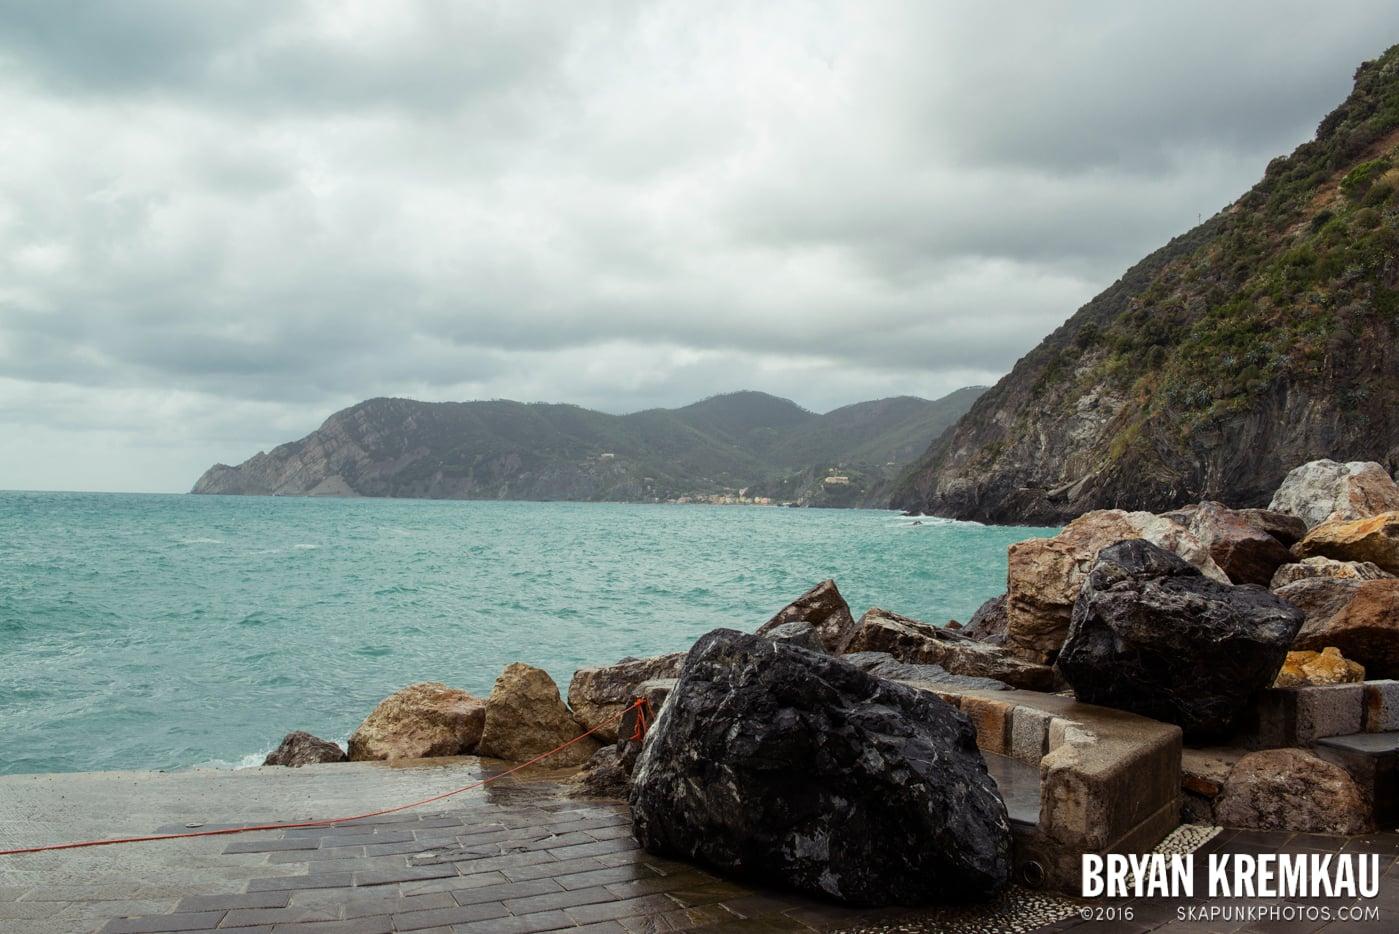 Italy Vacation - Day 10: Cinque Terre - 9.18.13 (37)